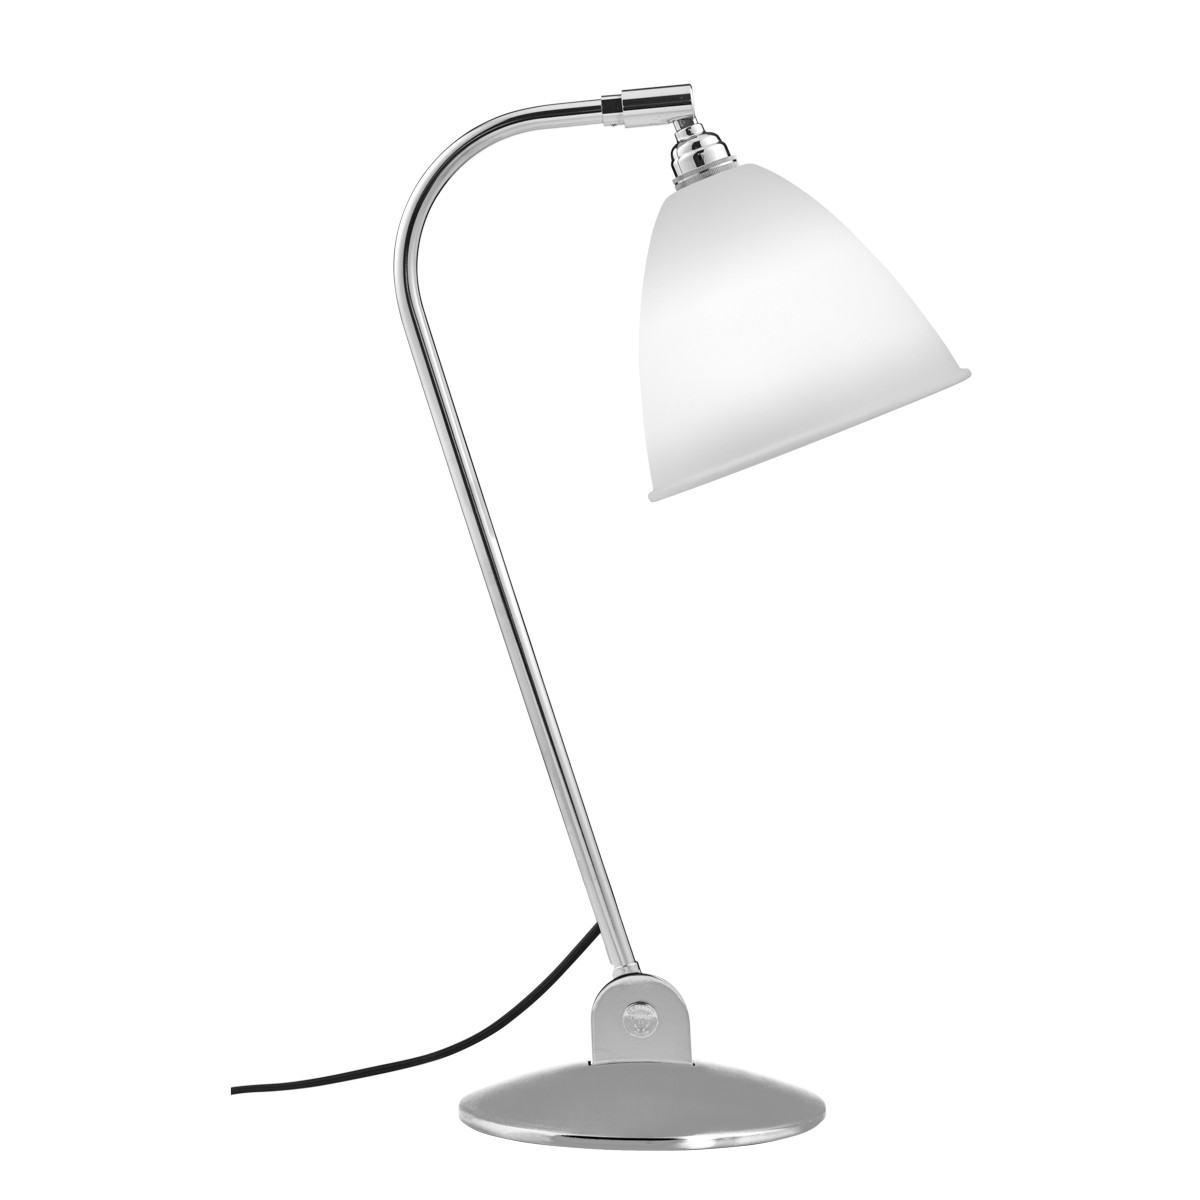 Gubi BL2 Table Lamp – Chrome